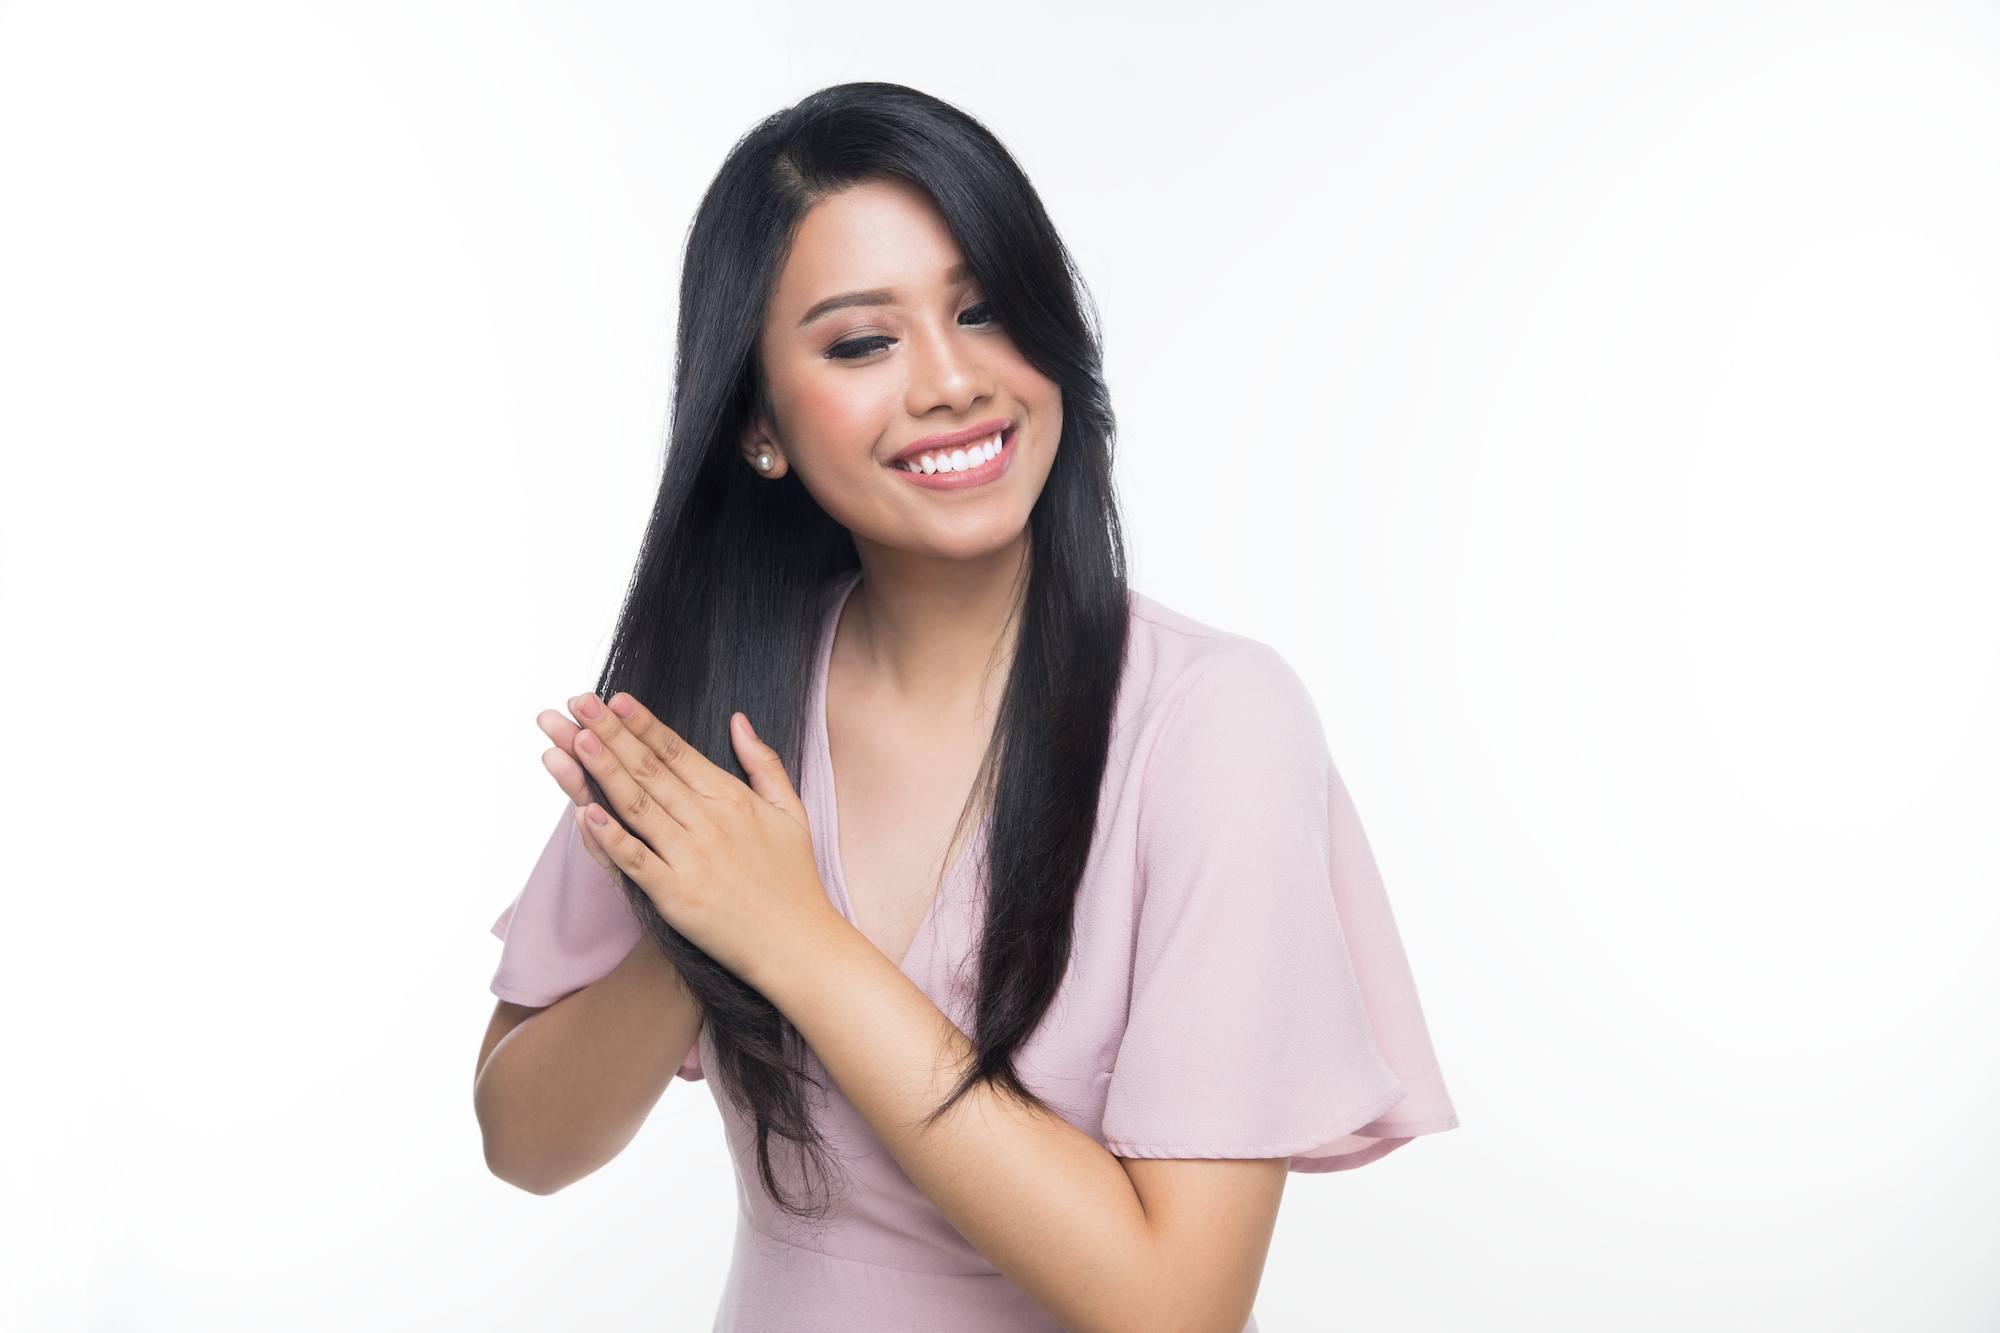 Wanita Asia berambut panjang lurus mengusapkan vitamin pada ujung rambut.